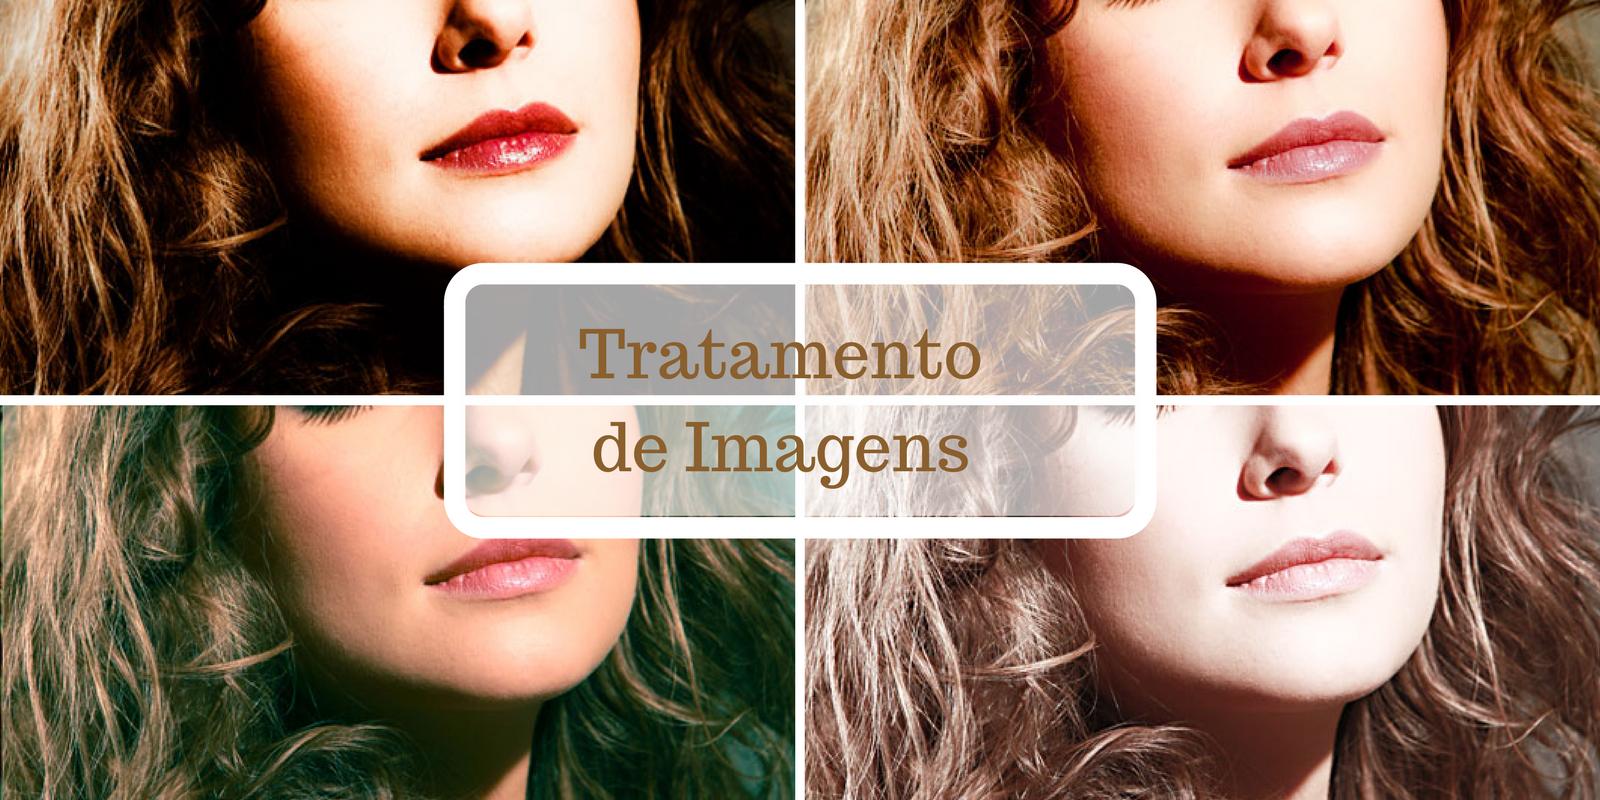 Tratamento de Imagem